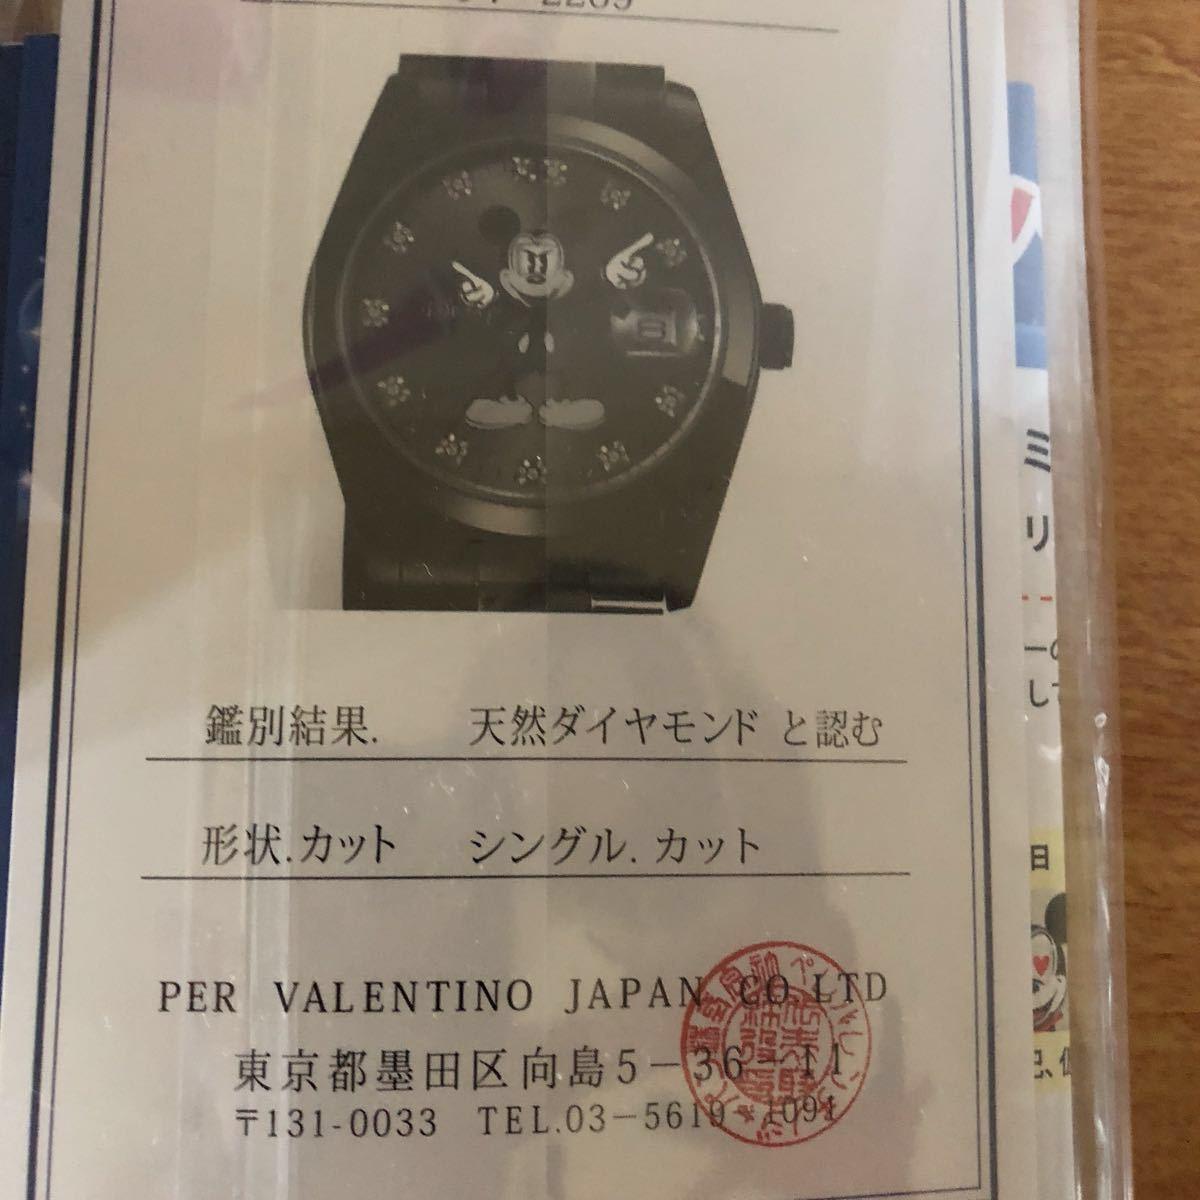 超プレミアム 世界限定モデル ミッキーマウス ダイヤモンド13石 腕時計 ロレックスタイプ ブラック未使用品 豪華オマケ付き_画像4